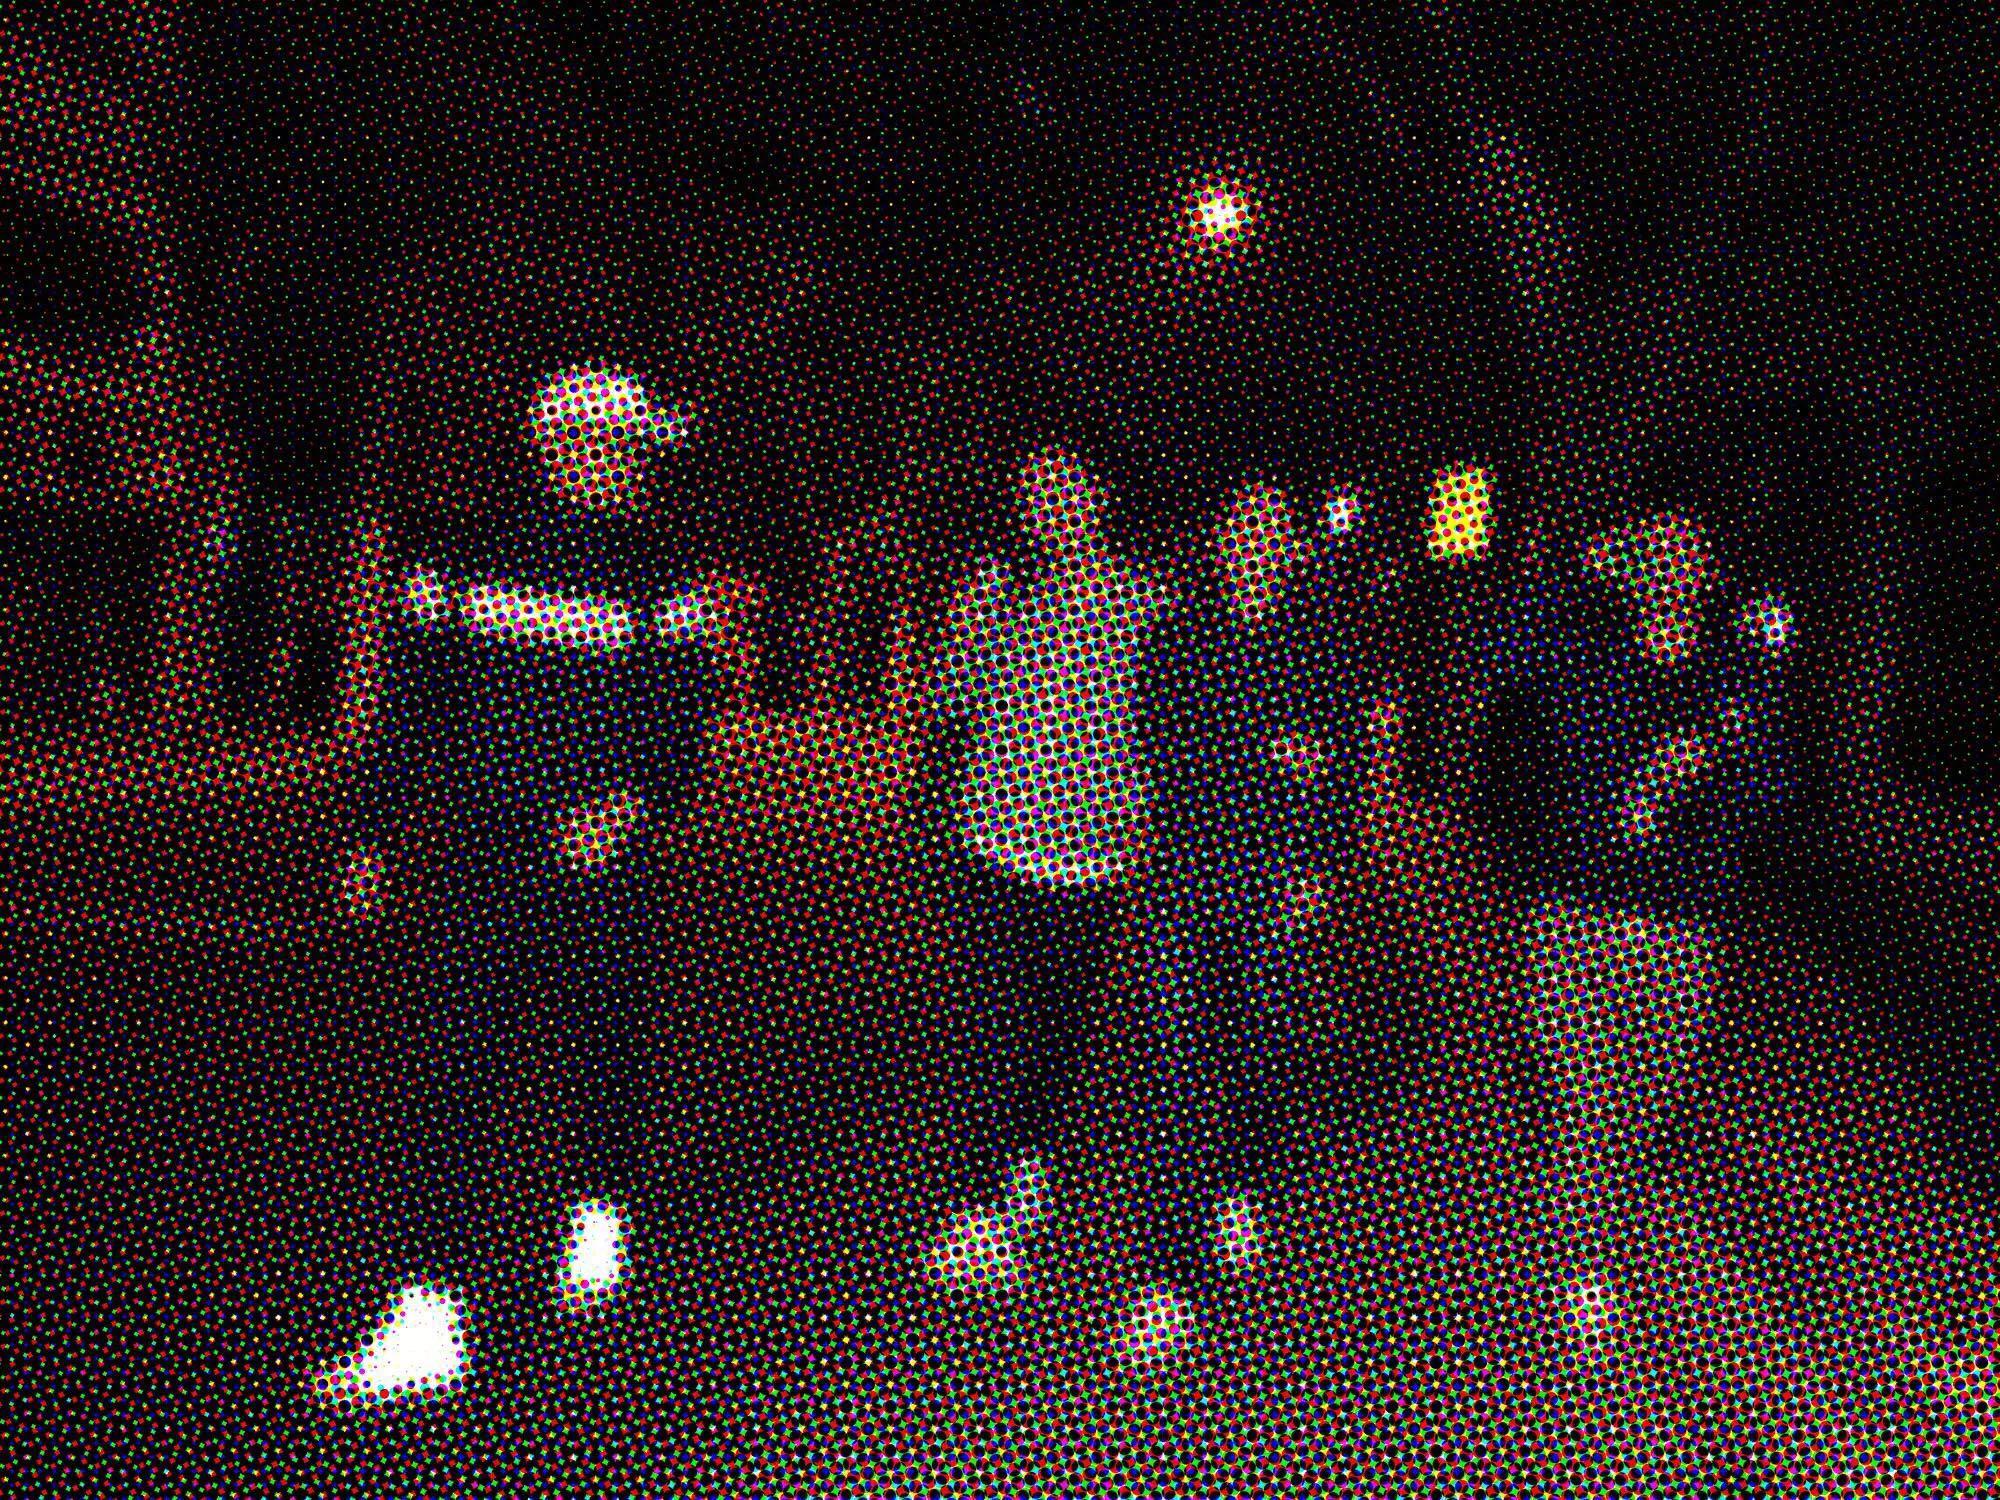 我们(几个中年人)闯进了一场cool kids的聚会